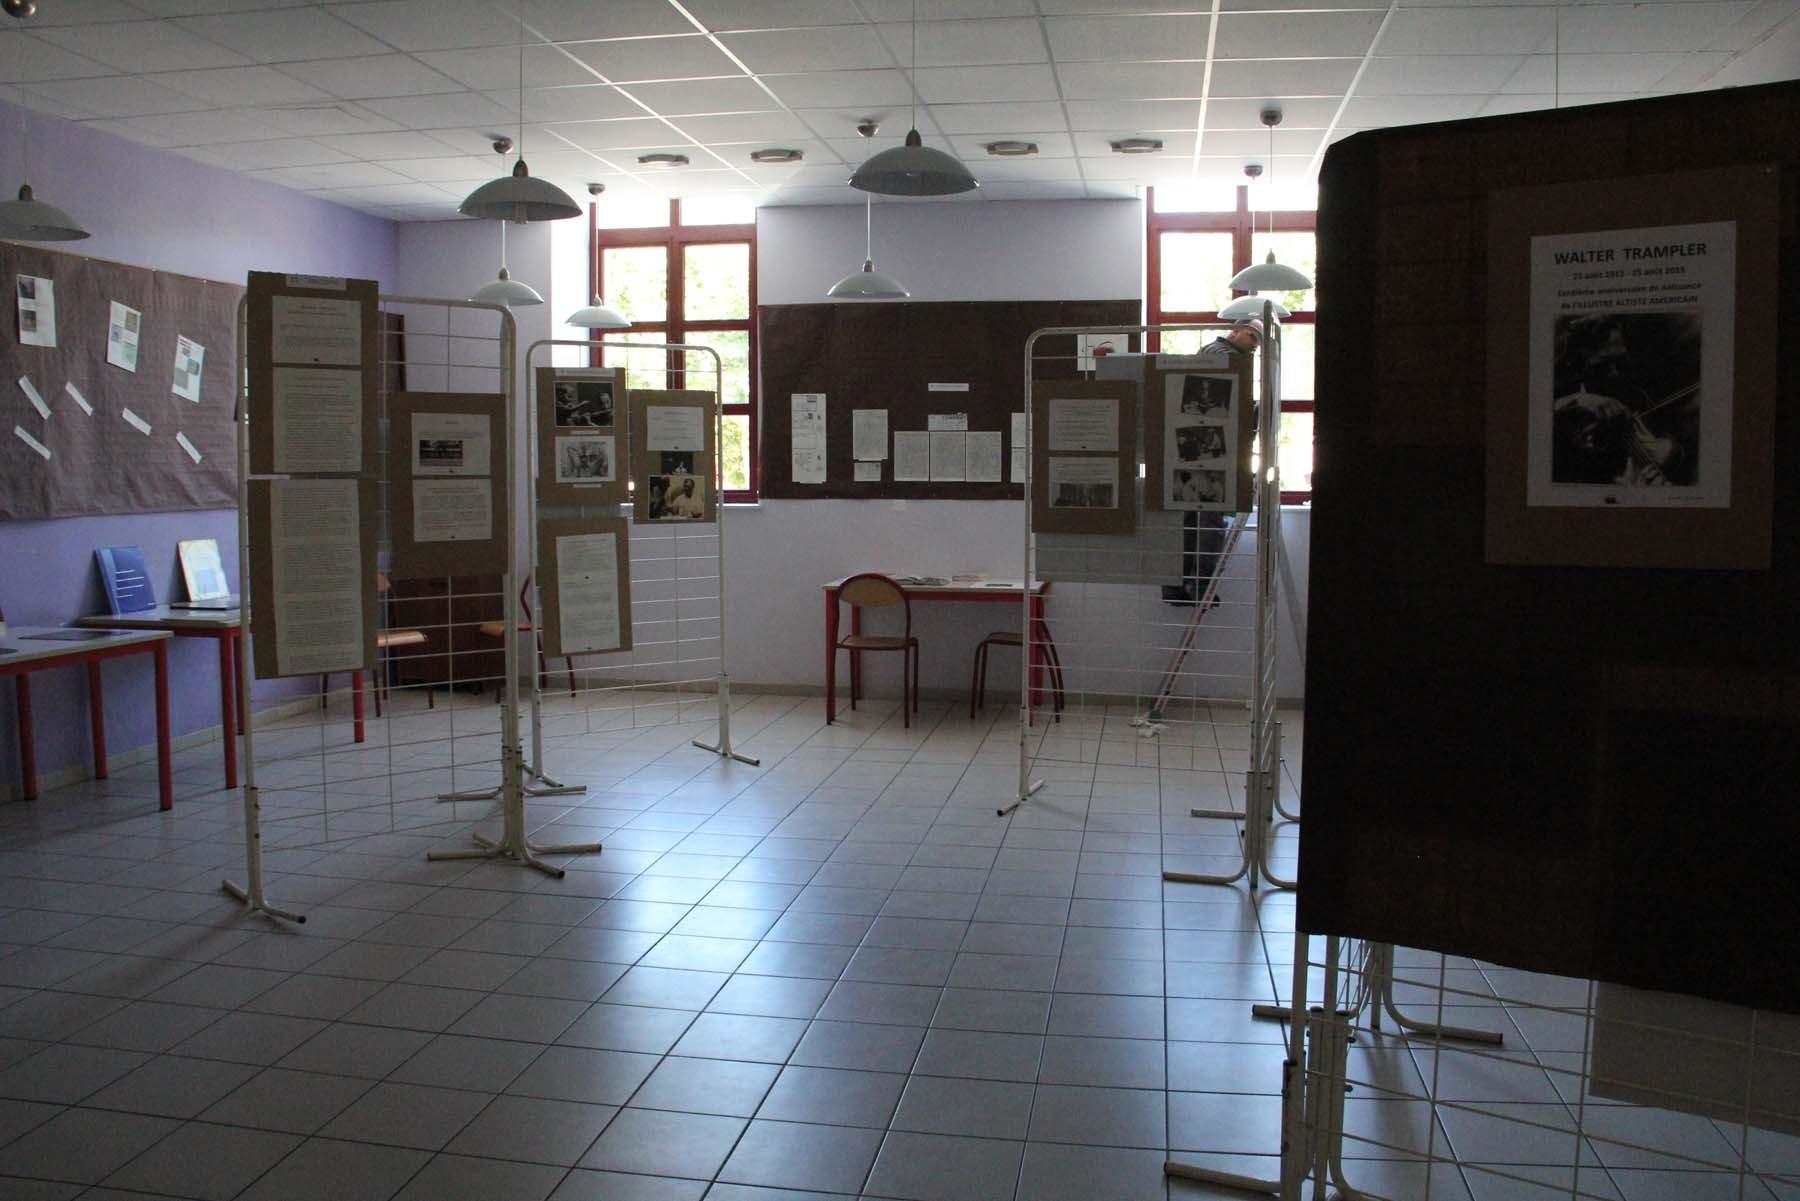 """""""HOMMAGE"""" à Walter Trampler - Mercredi 26 août - École primaire de Lasalle"""